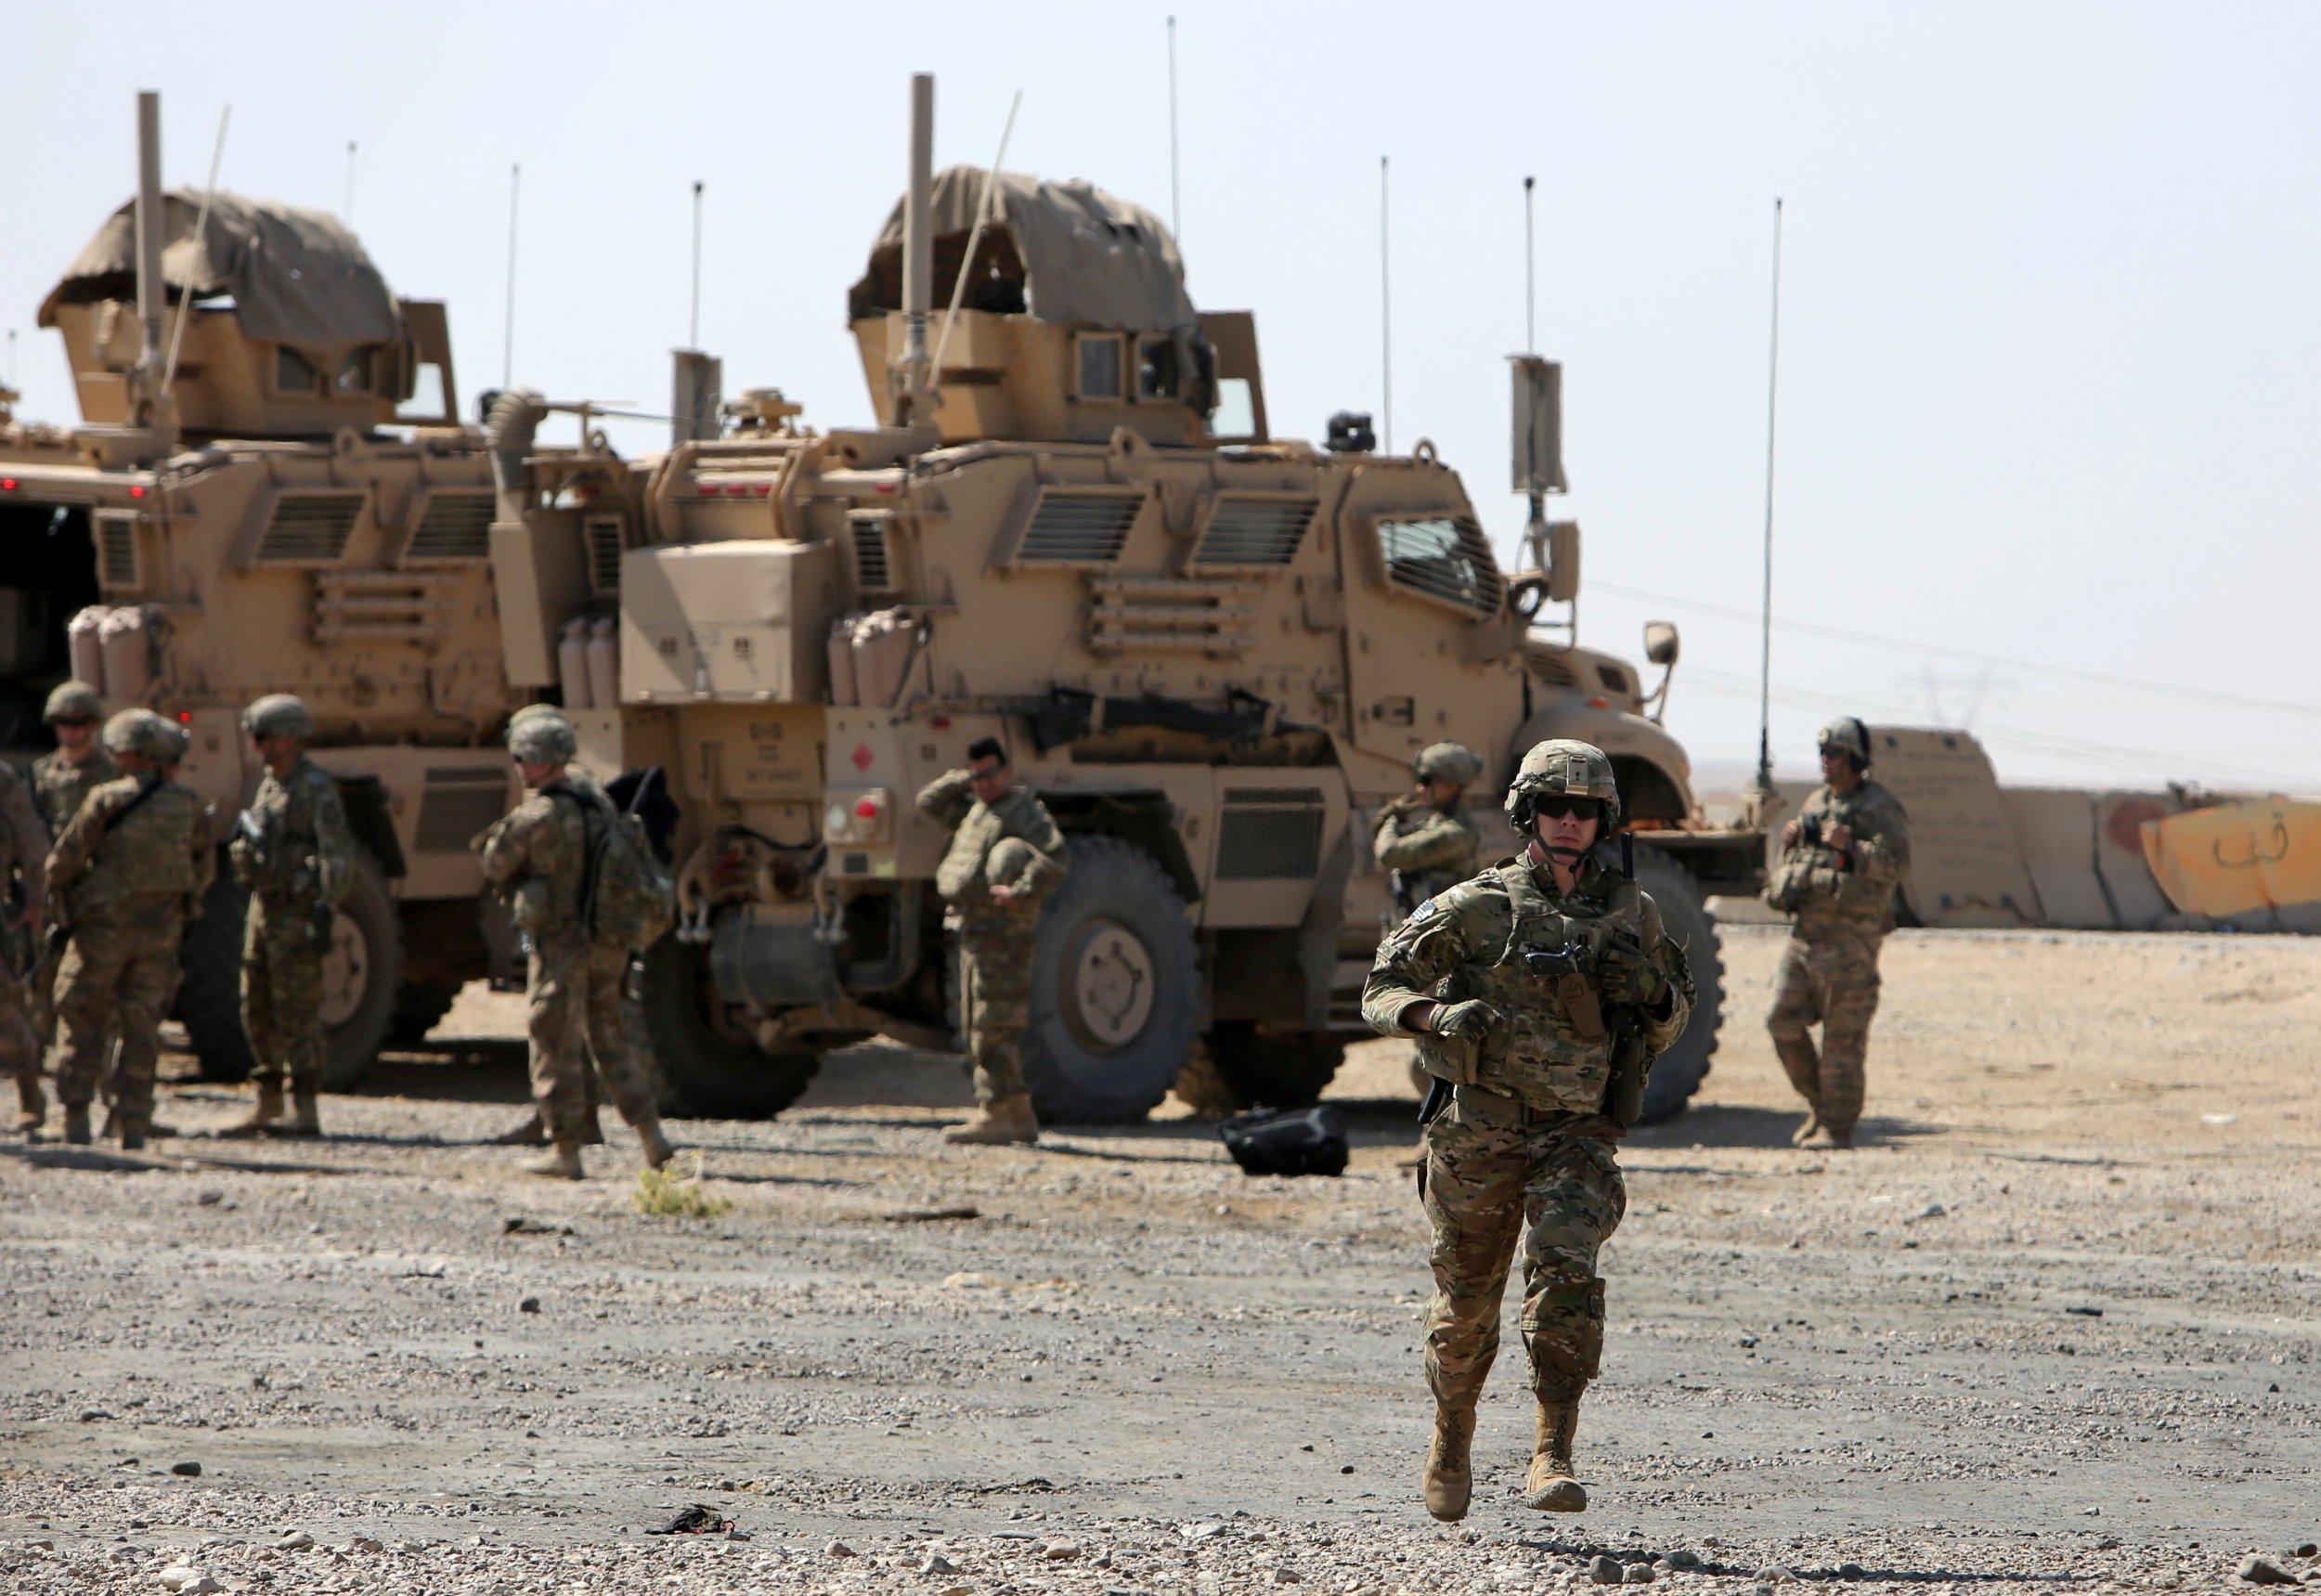 BIT ĆE PREBAČENI IZVAN ZEMLJE! Američkim vojnicima nije dopušteno ostati u Iraku!